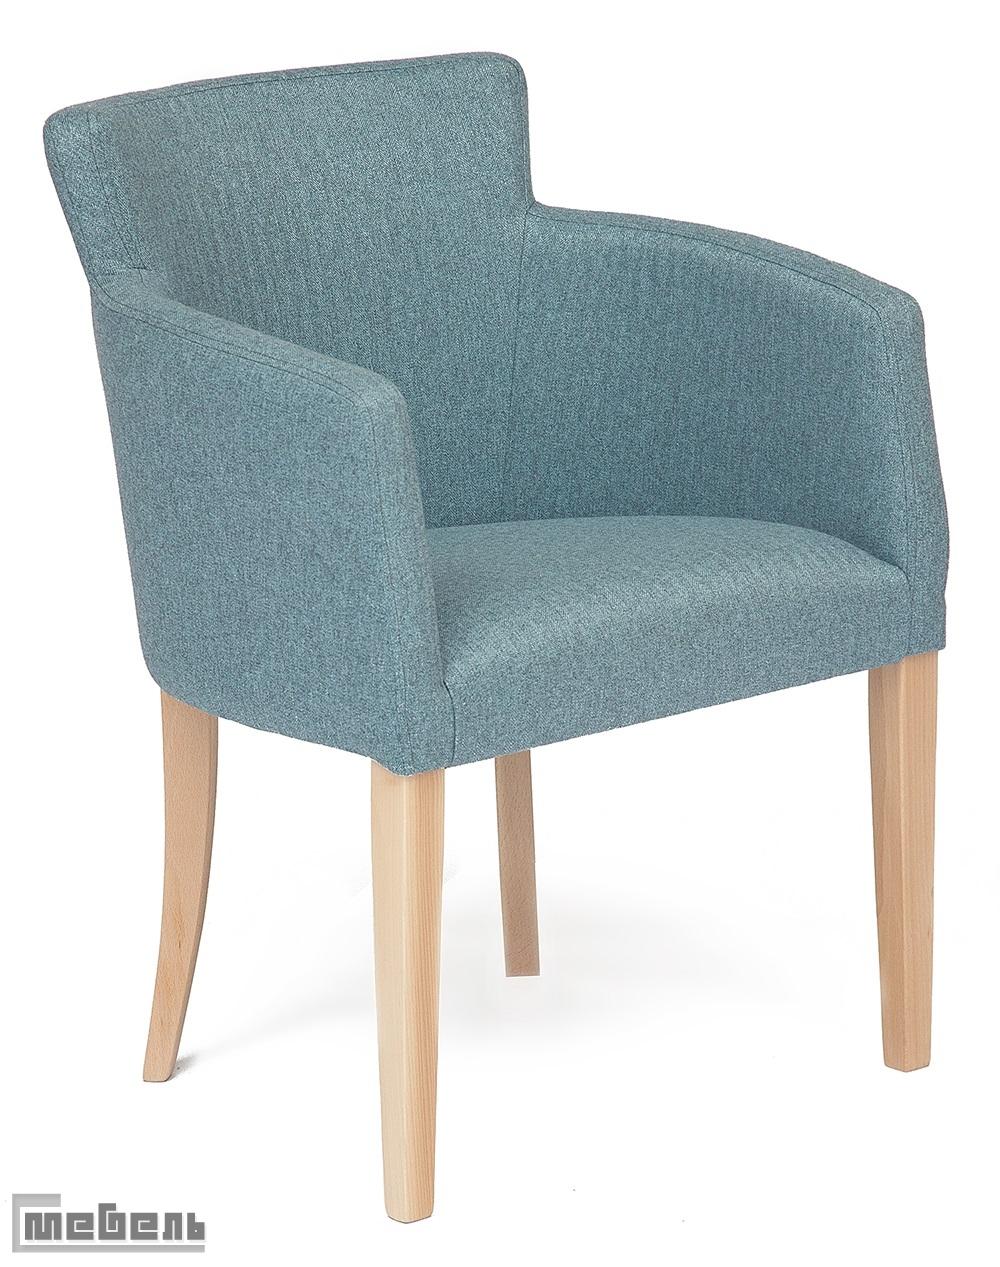 """Кресло """"Круна"""" (Kruna) ткань: (Синий кварц)"""